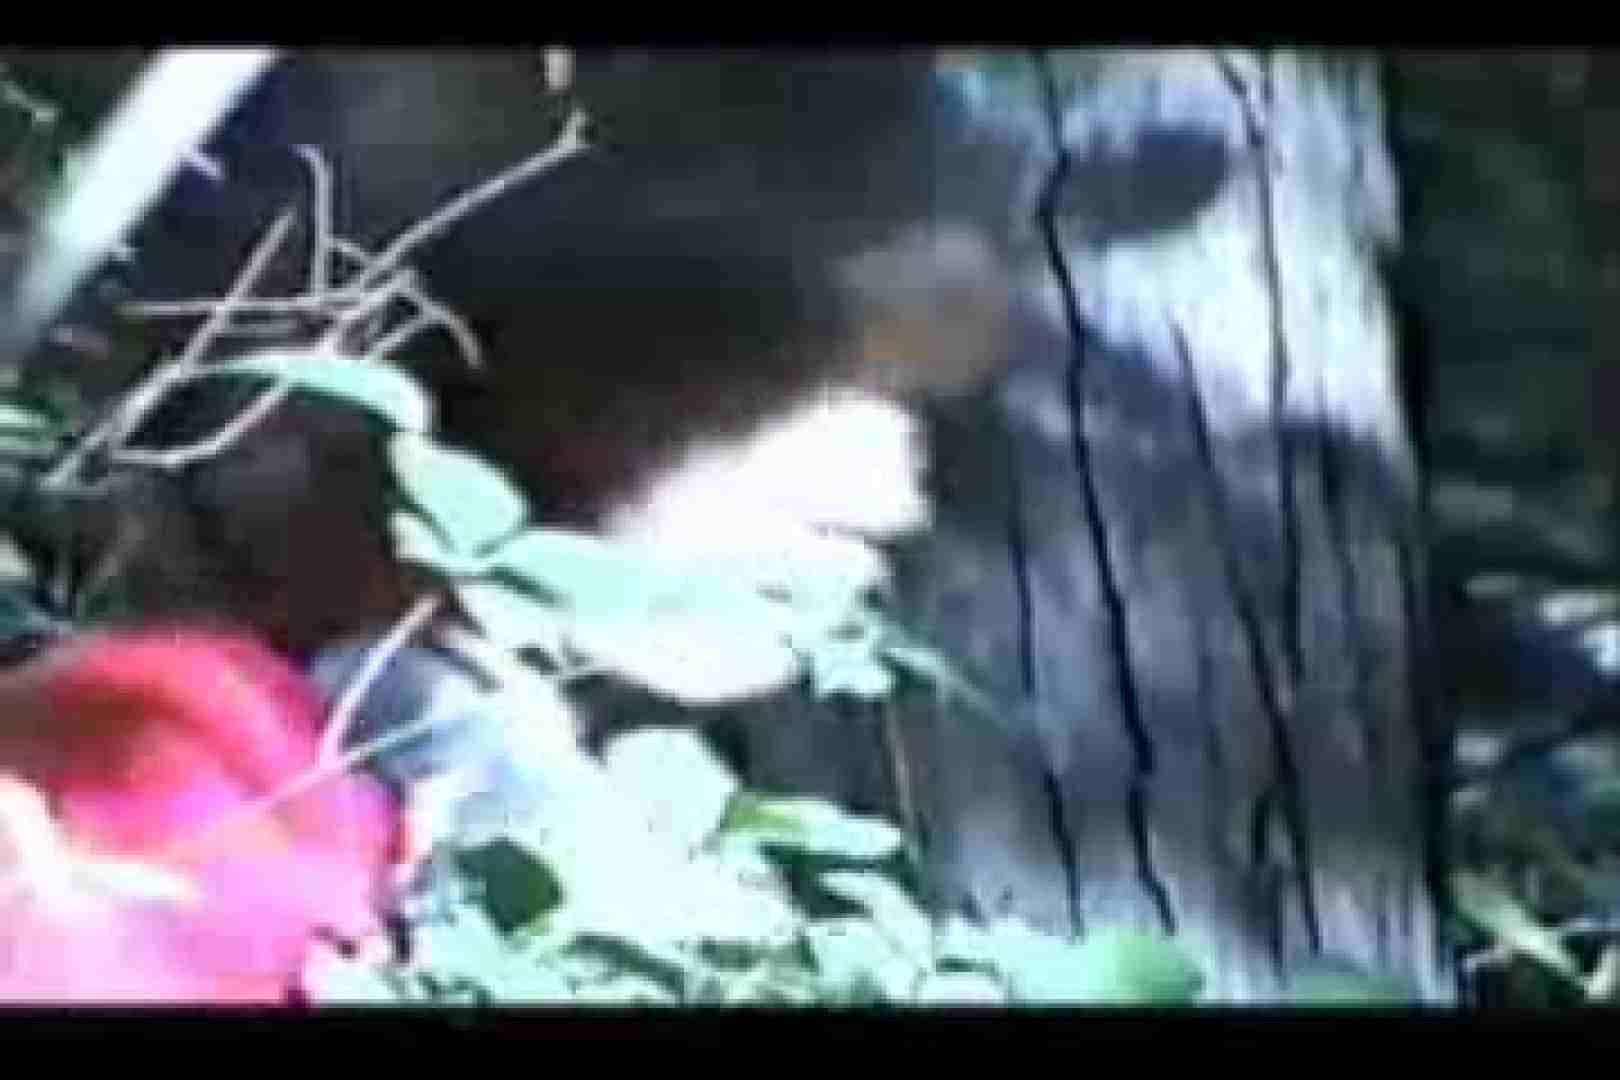 オールドゲイシリーズ  美少年ひかるのオープンファック イケメン  106pic 67